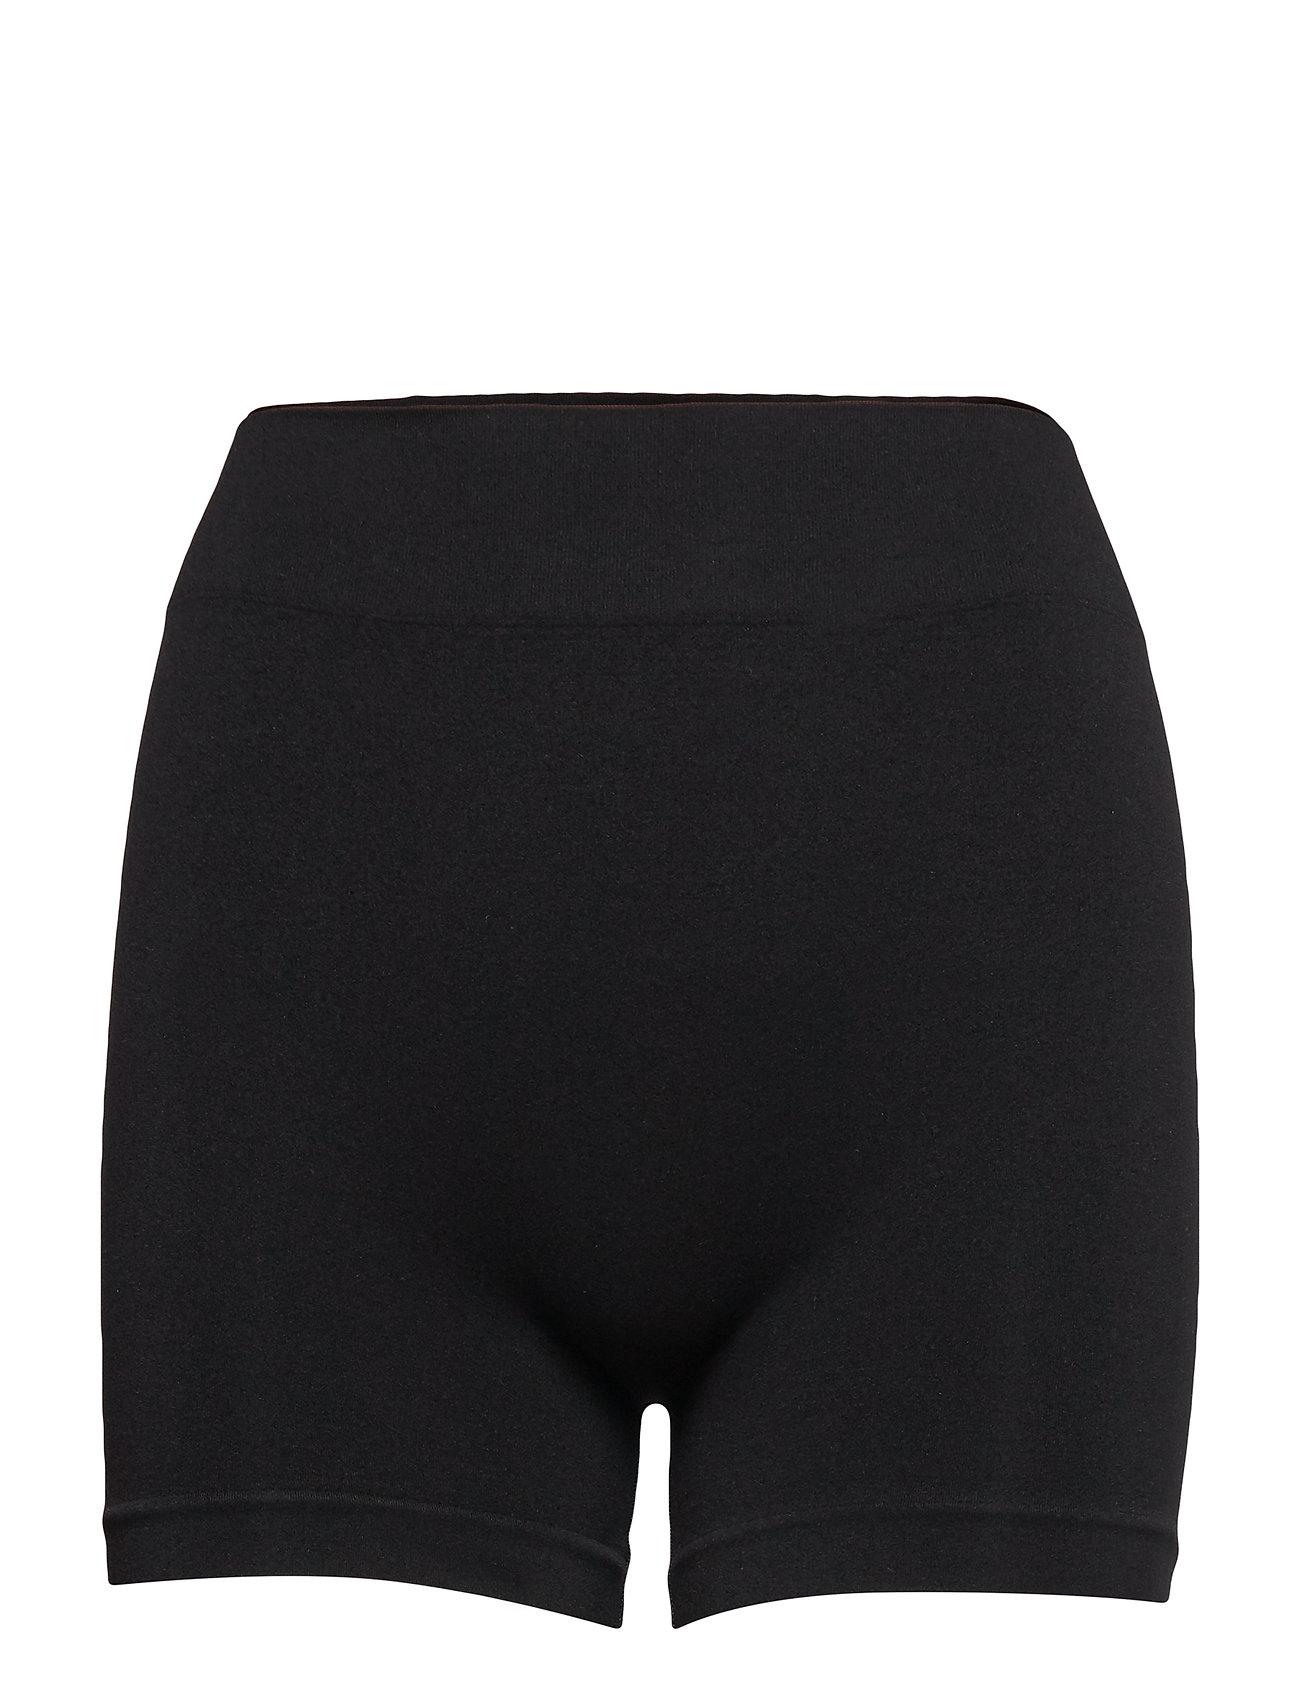 Decoy DECOY seamless hot pants - BLACK